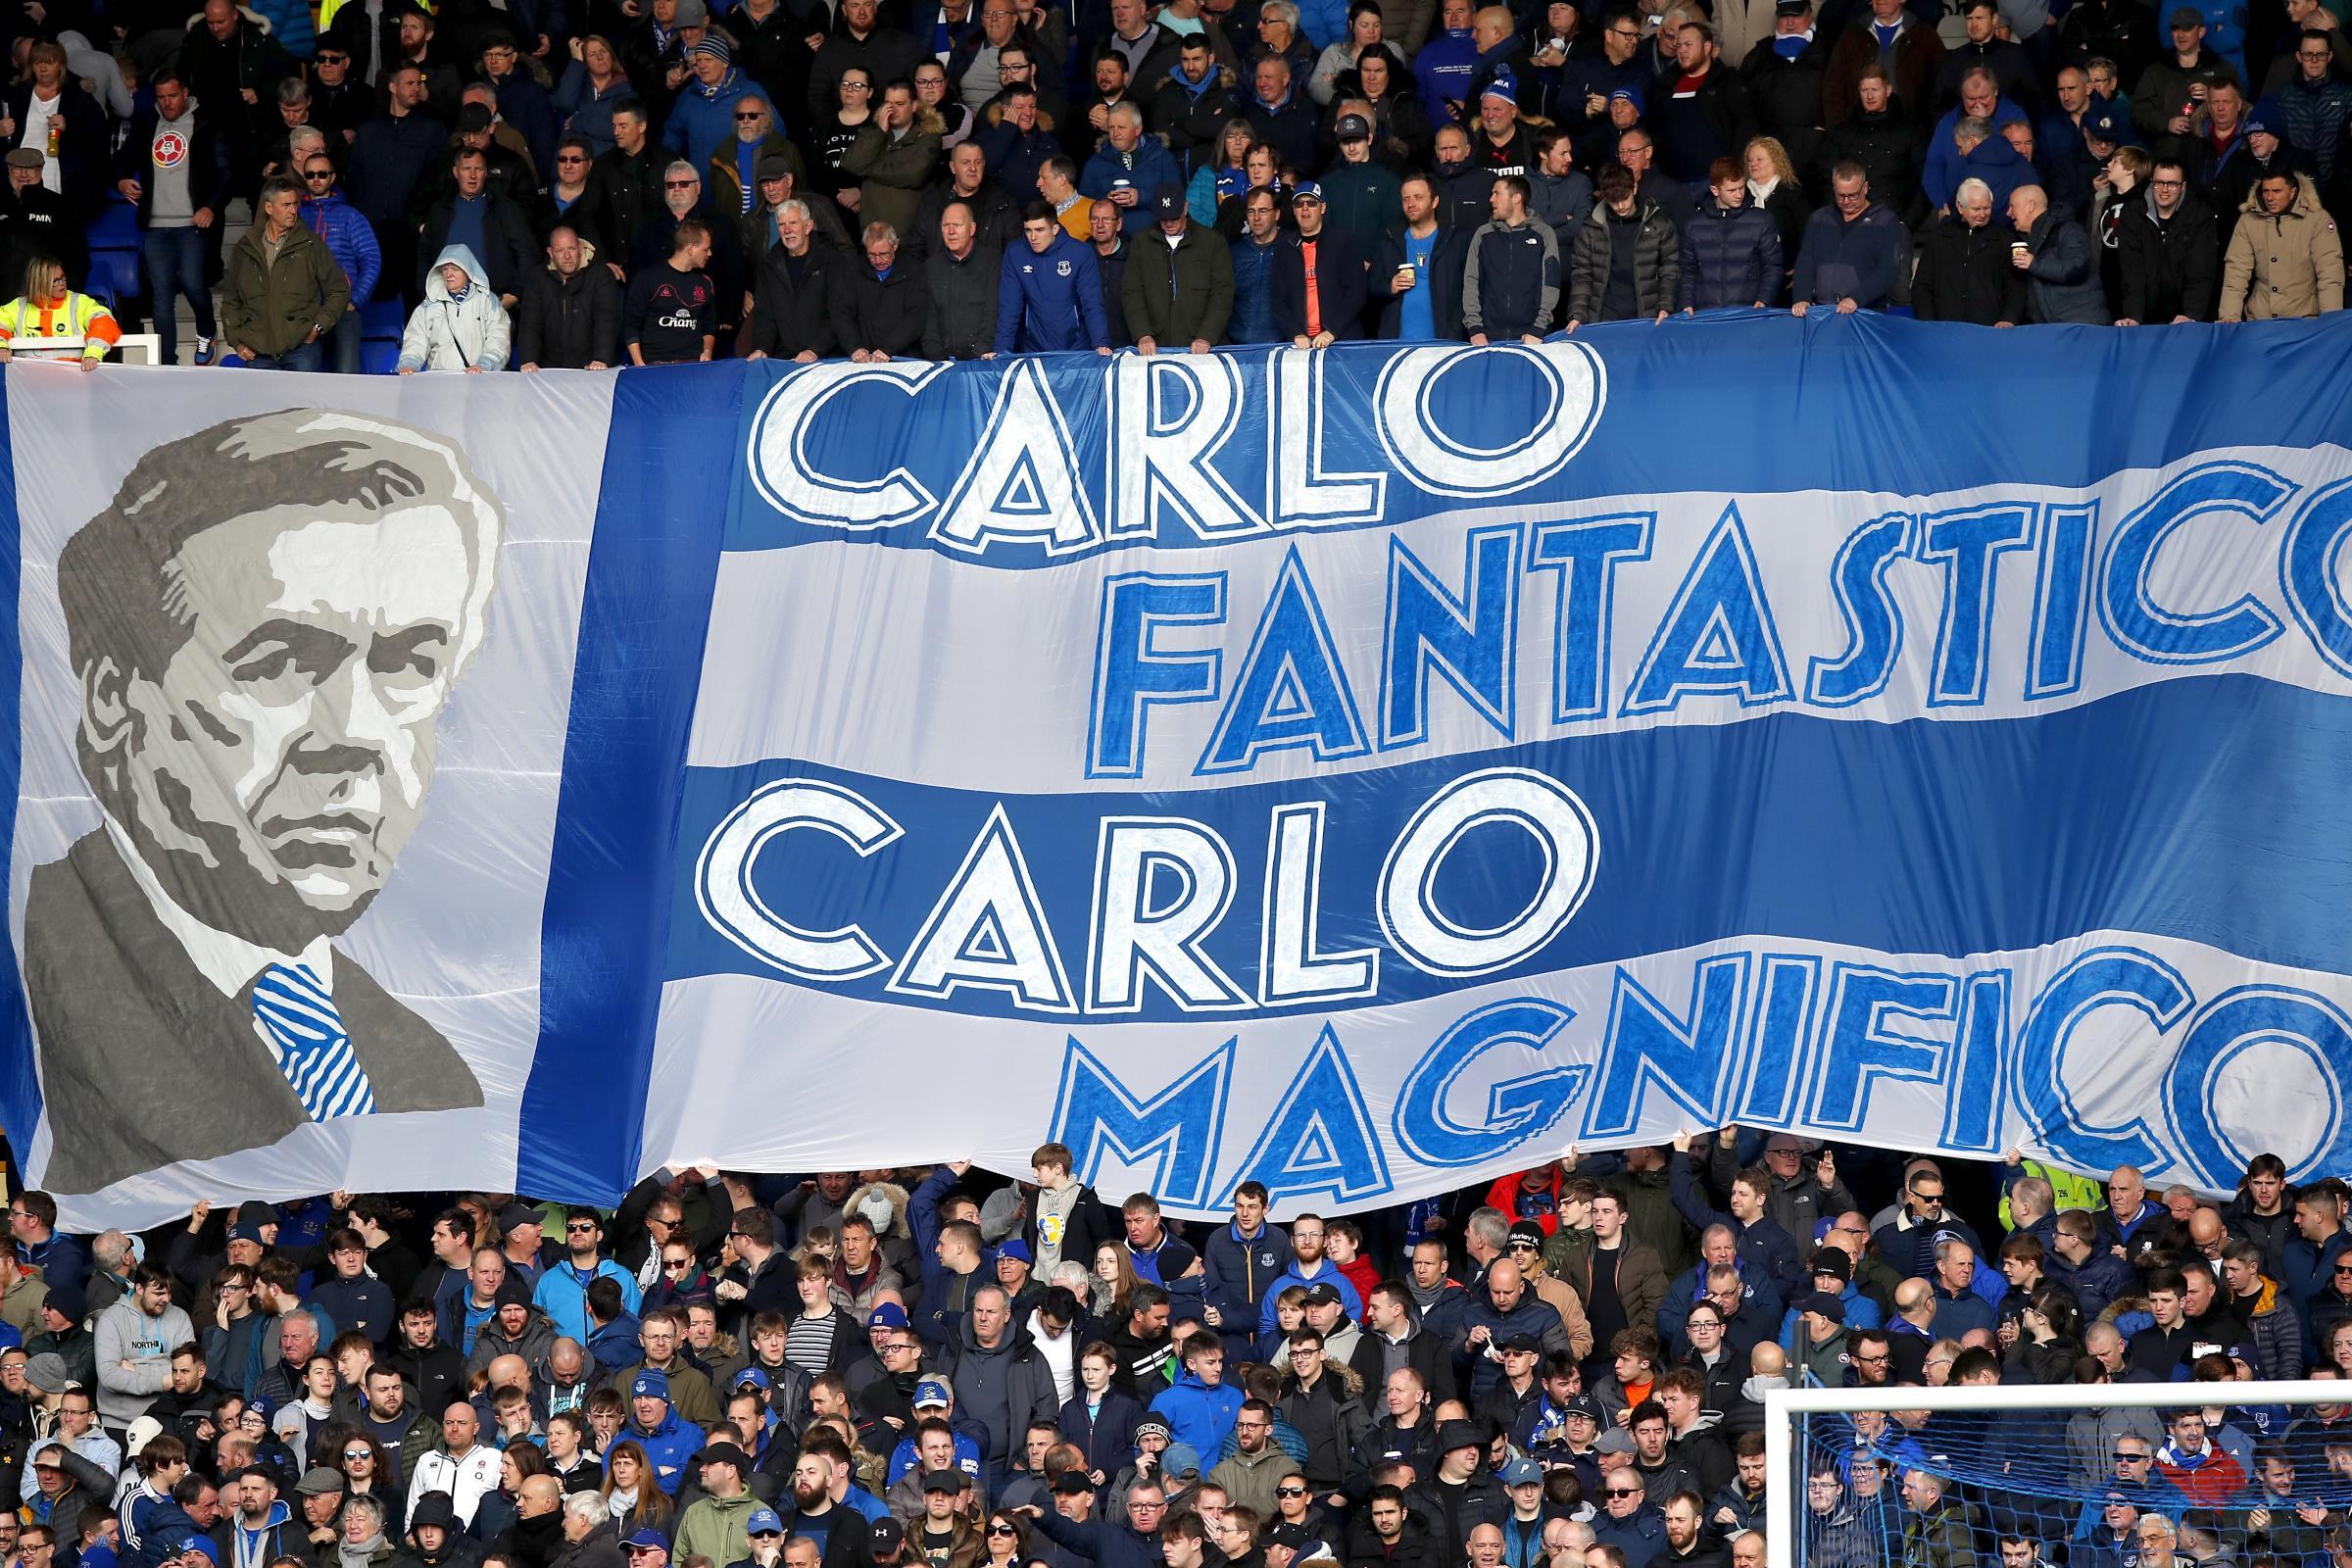 Ancelotti đã có 17 tháng đẹp đẽ tại Everton nhưng không làm tròn lời hứa nâng tầm CLB của mình